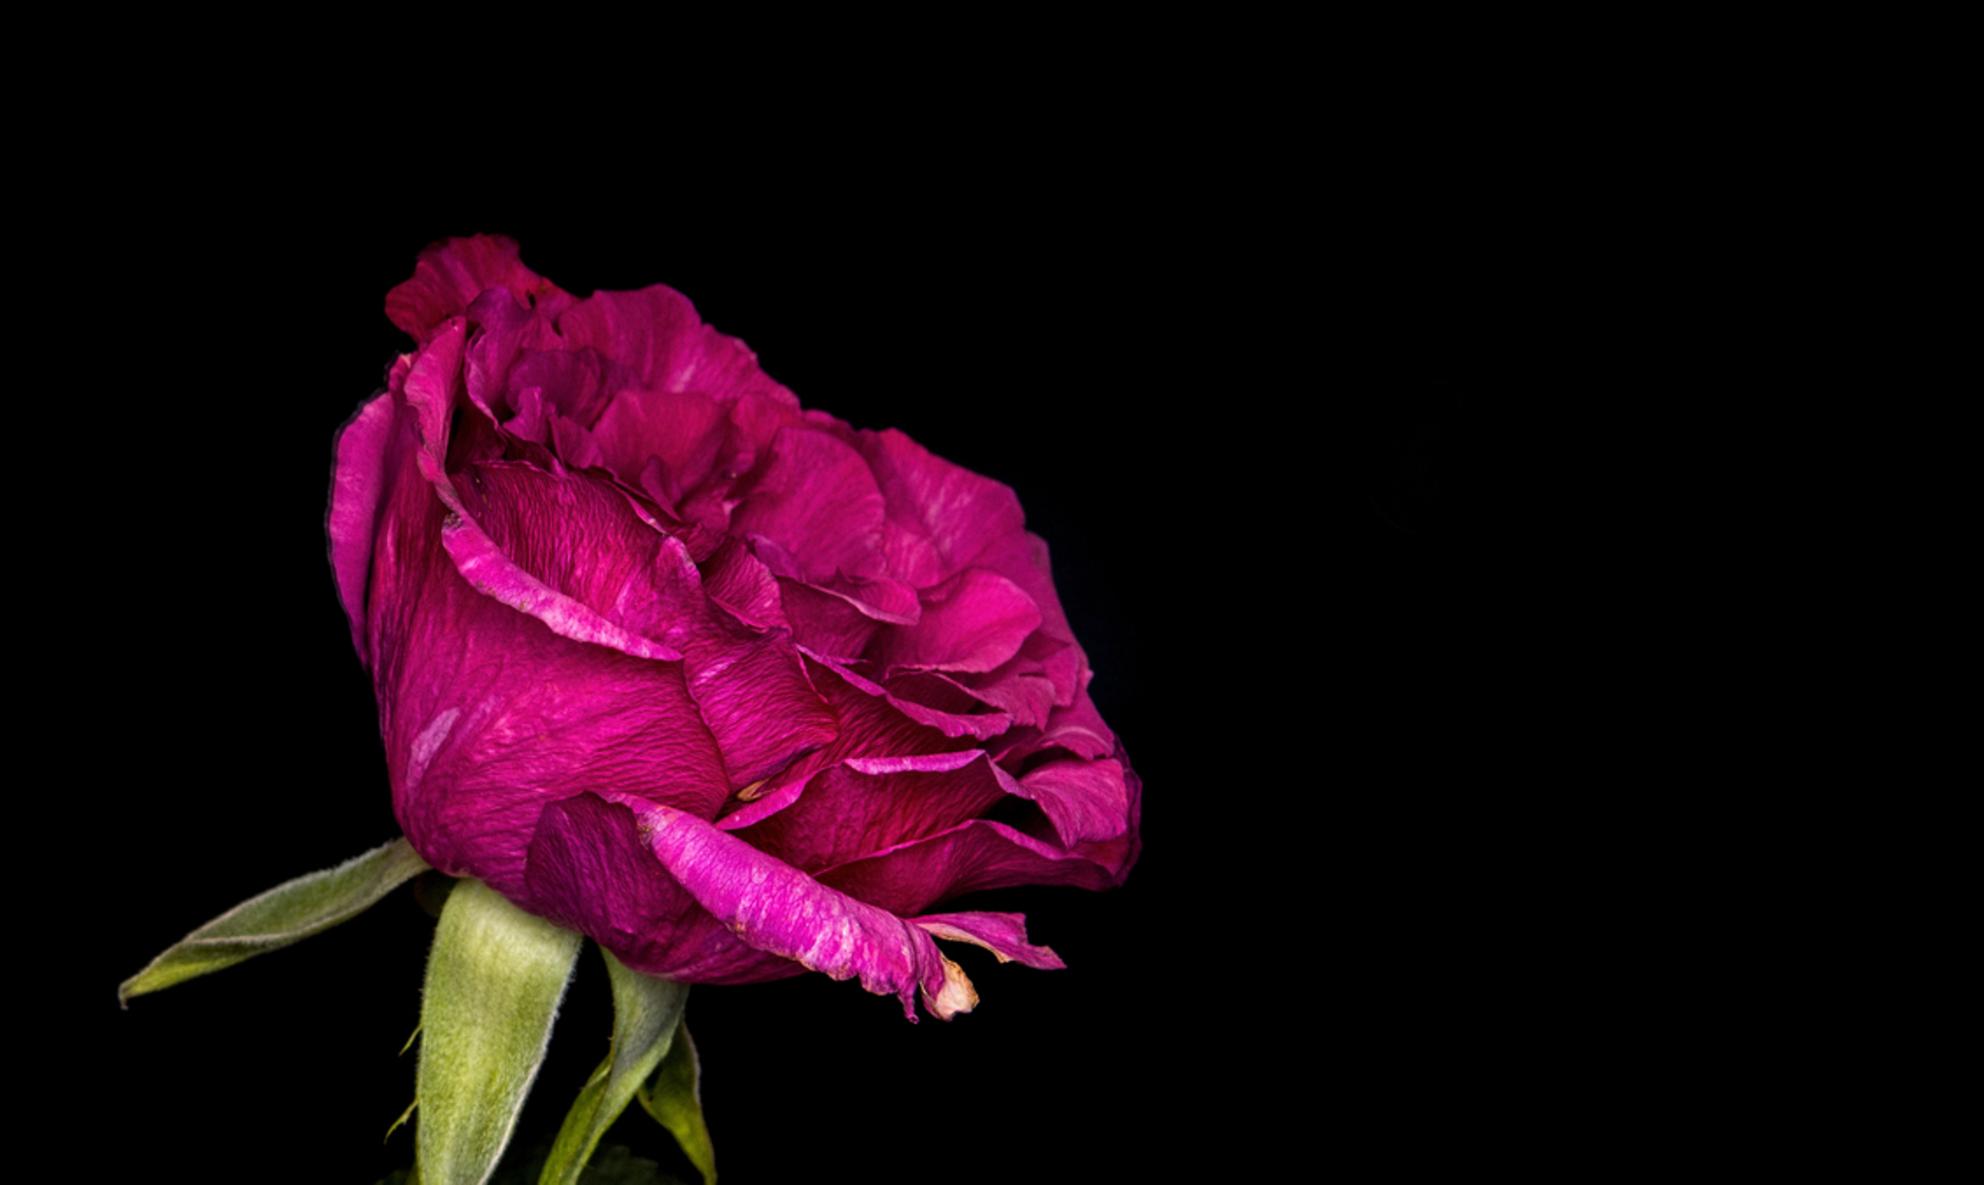 macro Roos - - - foto door Barry1970 op 16-01-2016 - deze foto bevat: roze, rood, macro, natuur, roos - Deze foto mag gebruikt worden in een Zoom.nl publicatie